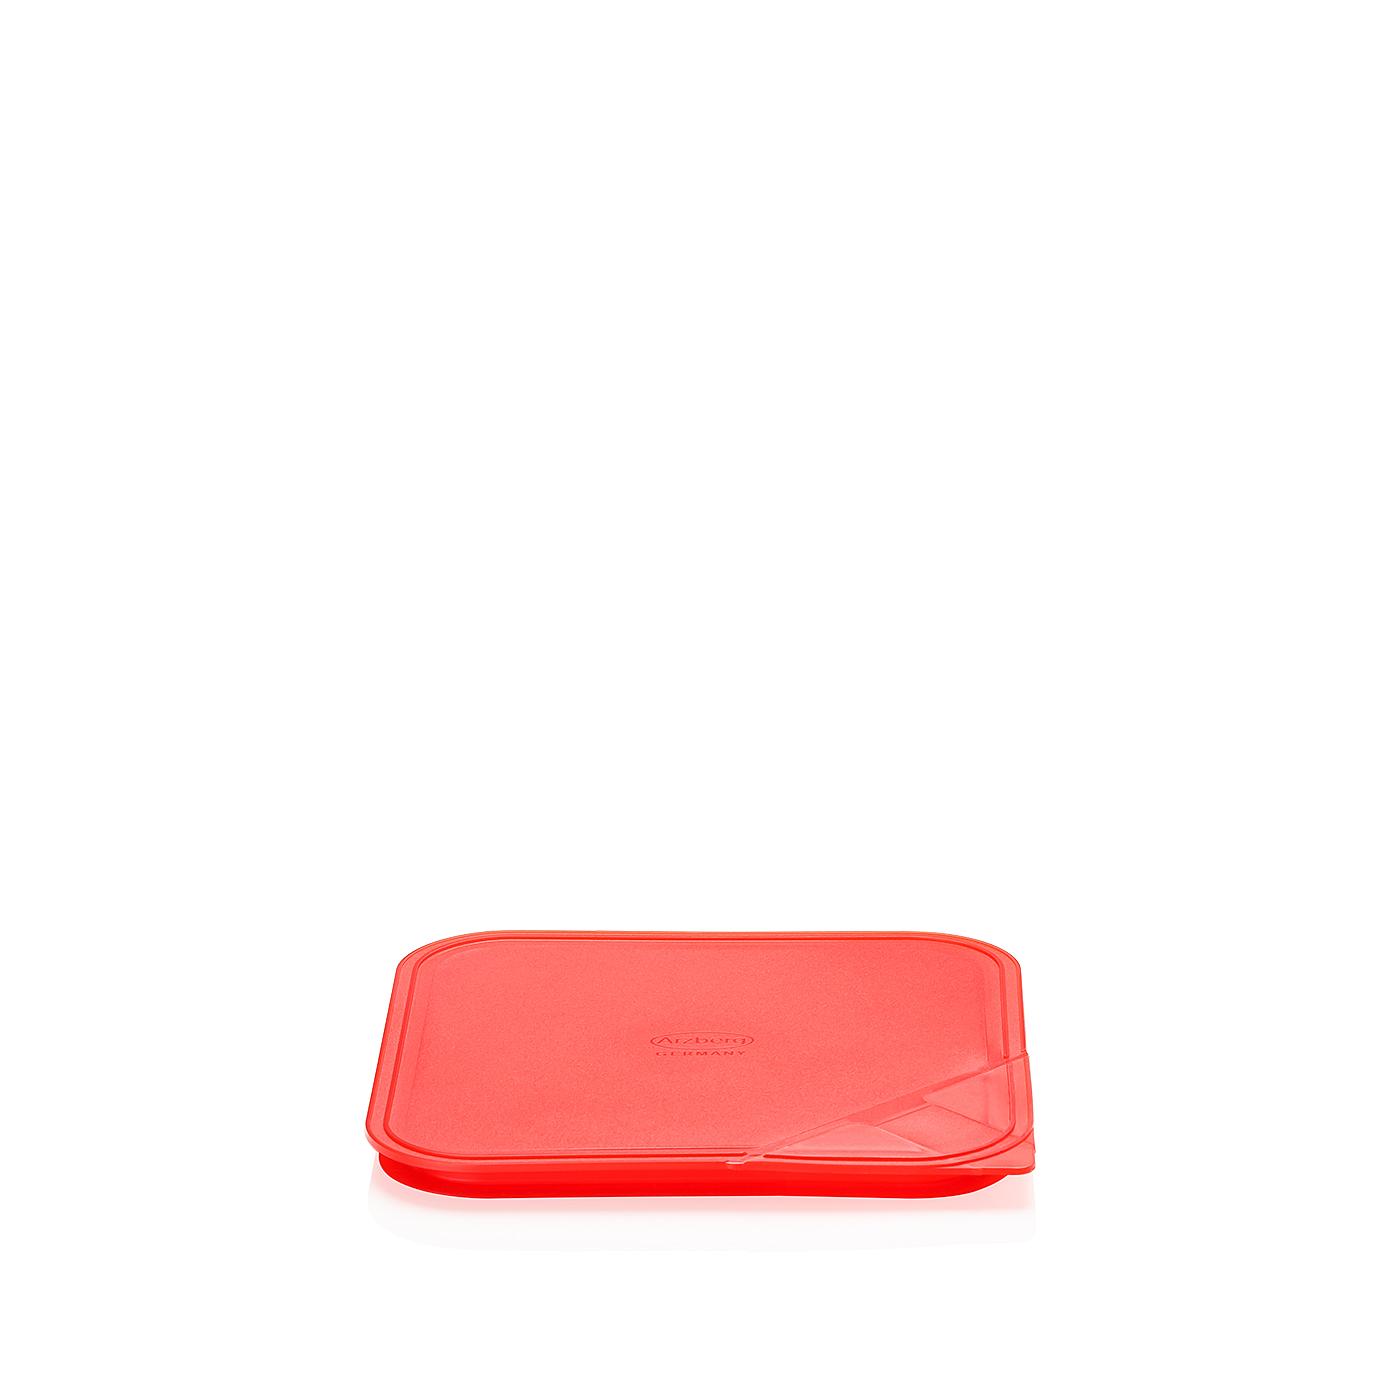 Aromadeckel quadratisch 18 cm Küchenfreunde Kunststoff rot Arzberg